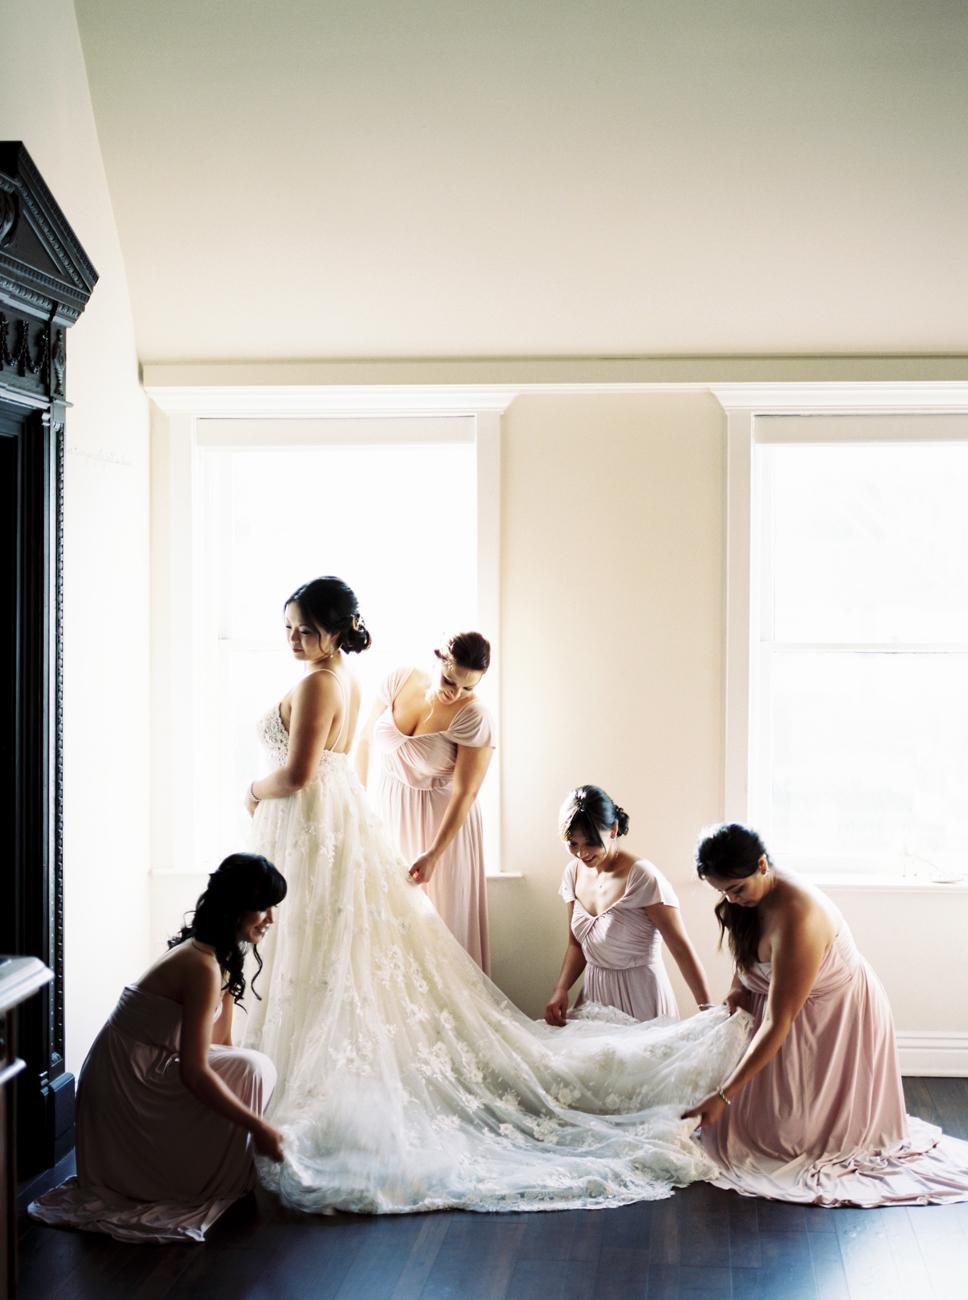 dennisroycoronel_theloftonpine_wedding-1.jpg